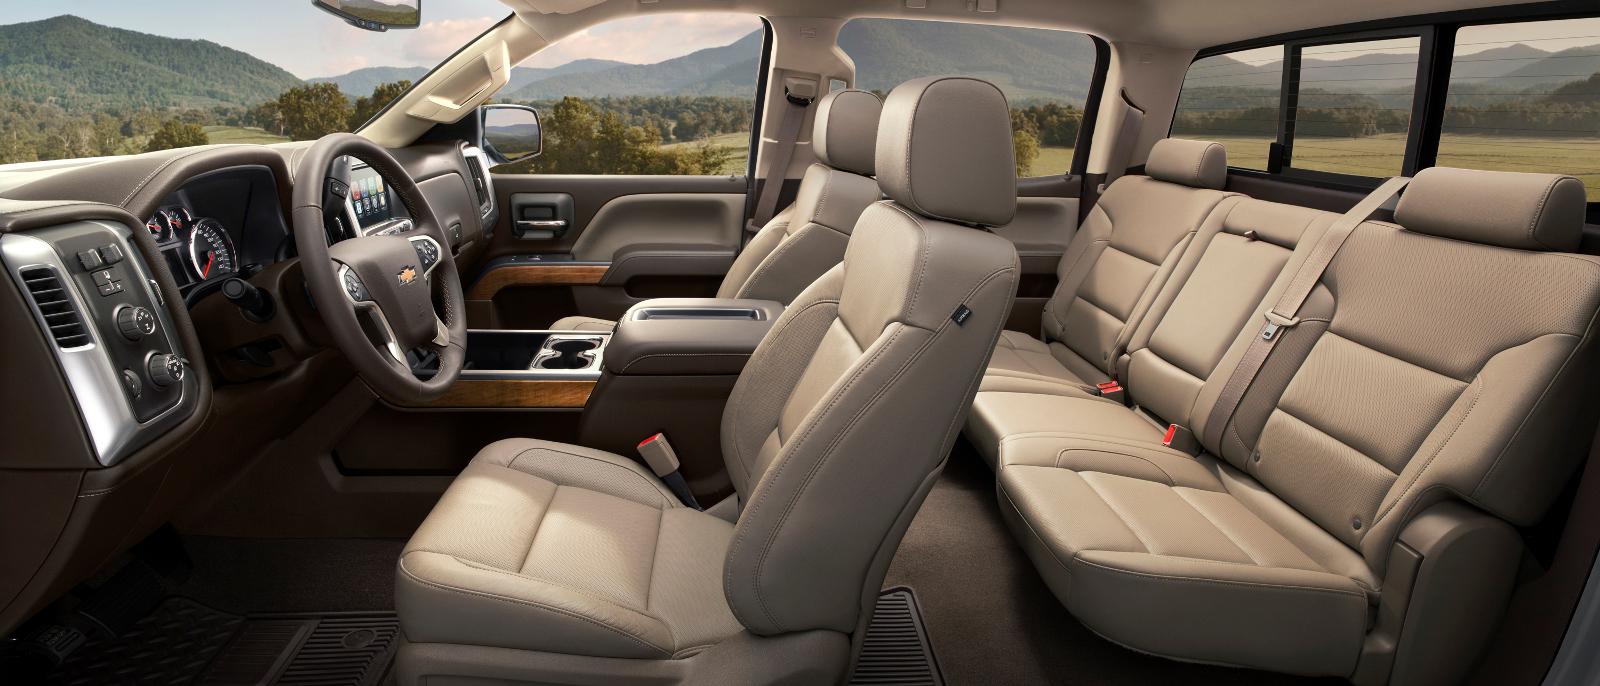 2016 Chevrolet Silverado Interior